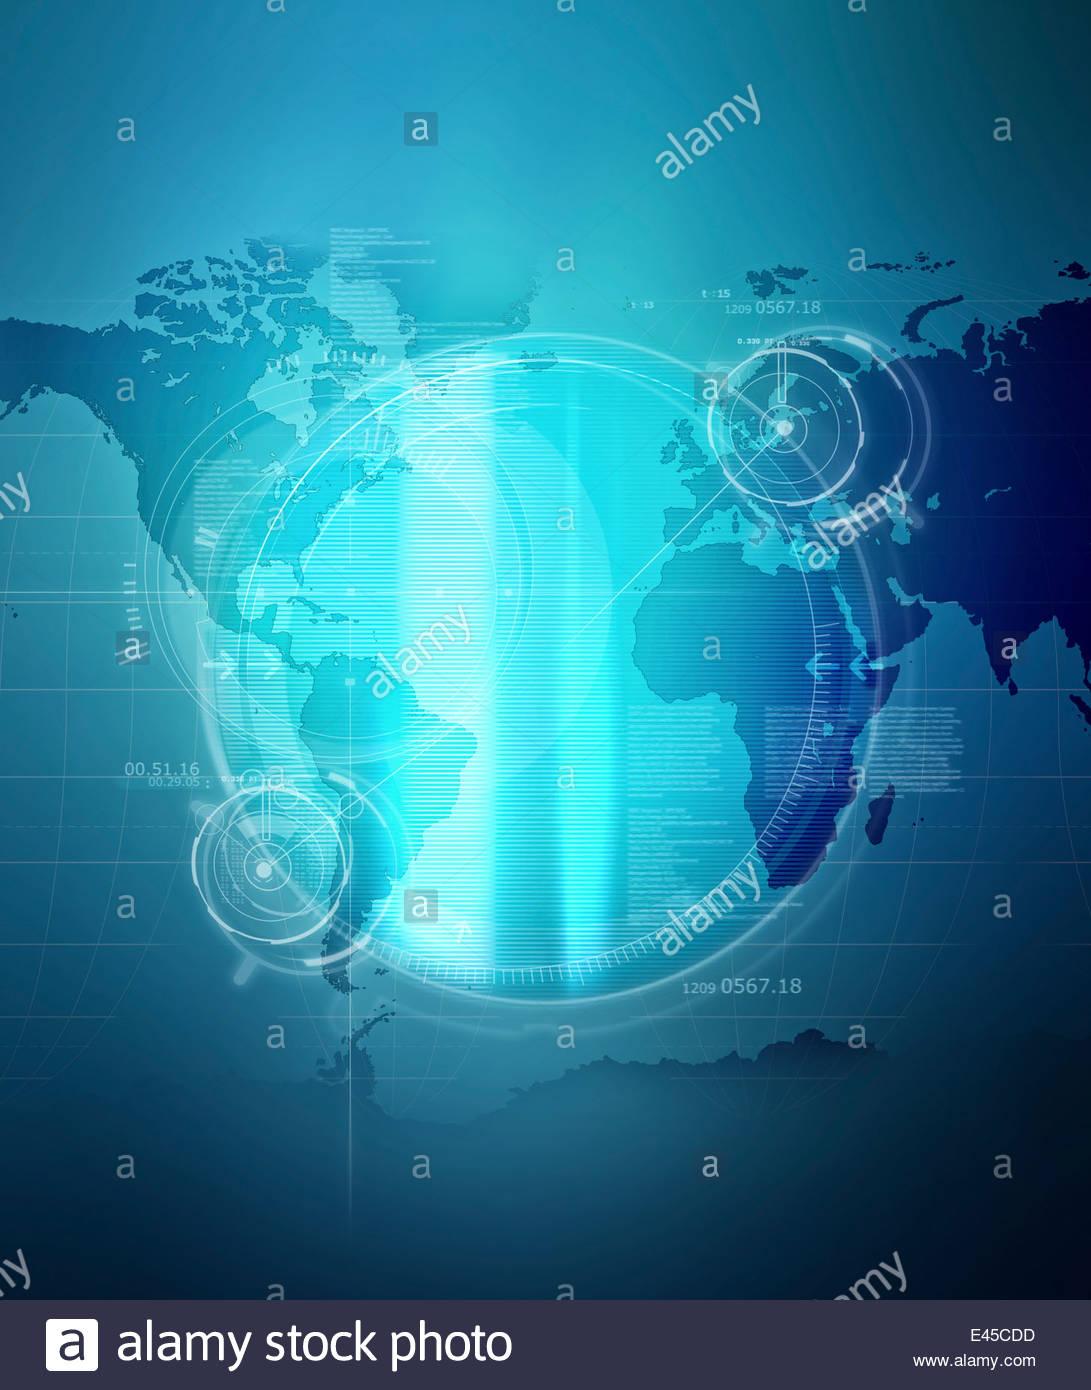 Iluminado y datos objetivos sobre blue mapa del mundo Imagen De Stock